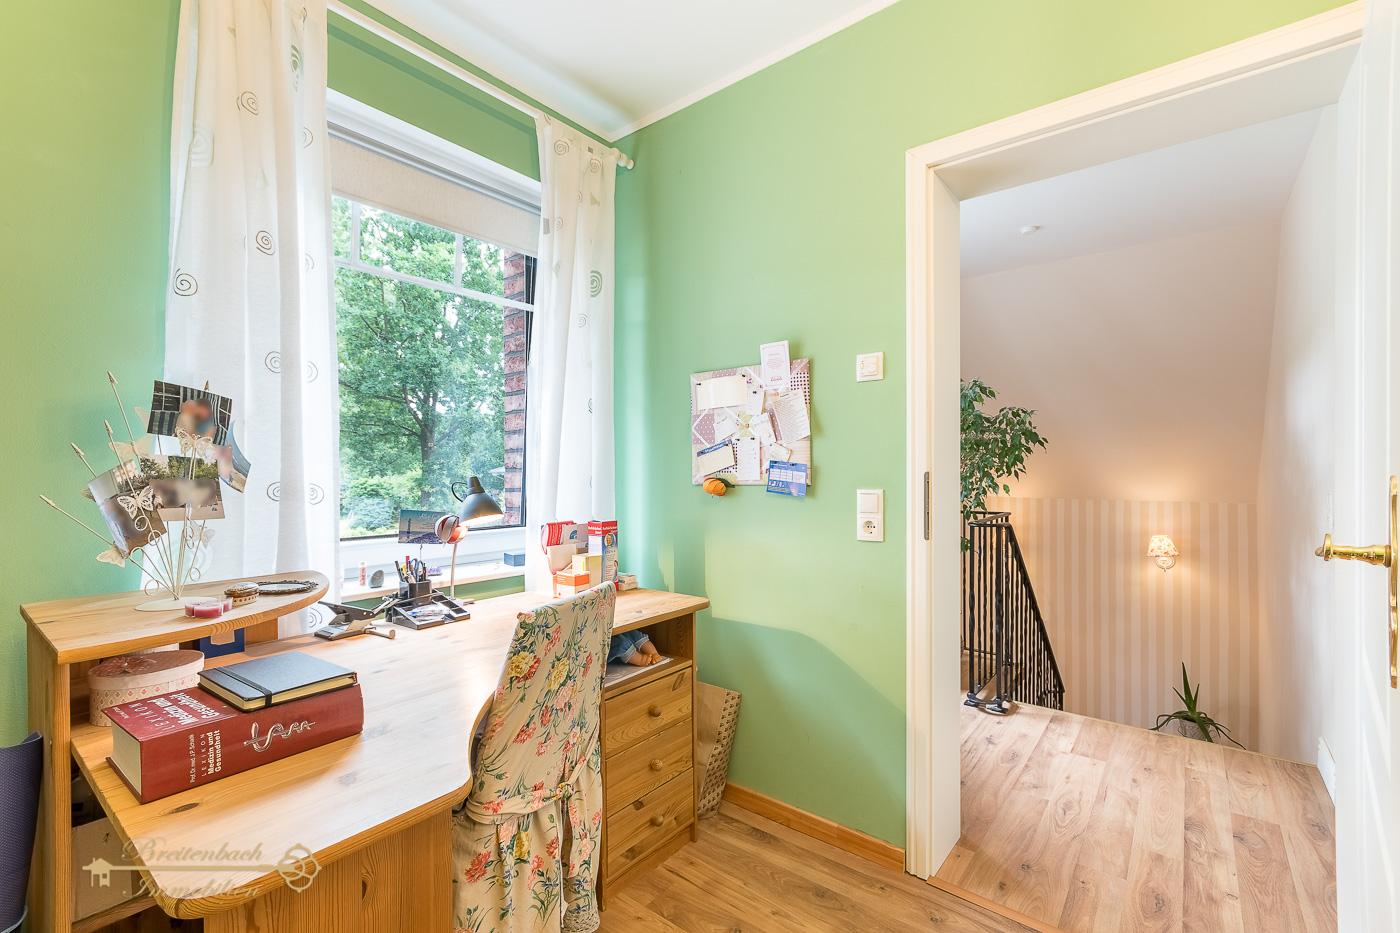 2019-07-14-Breitenbach-Immobilien-20